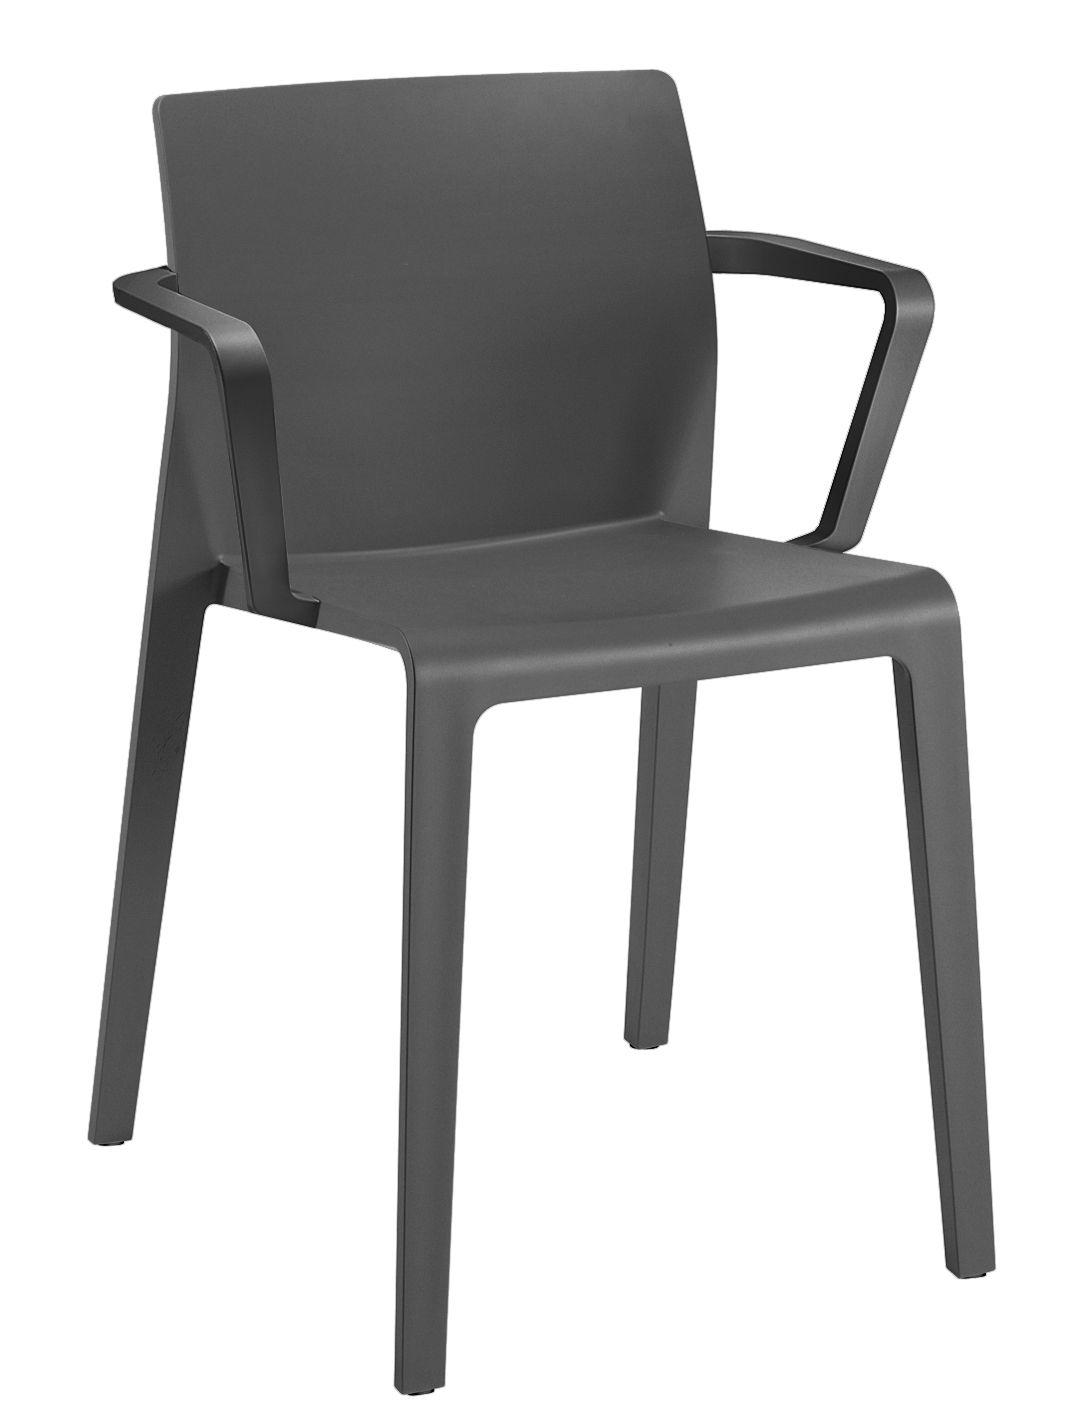 Möbel - Stühle  - Juno Stapelbarer Sessel - Arper - Anthracite - Polypropylen